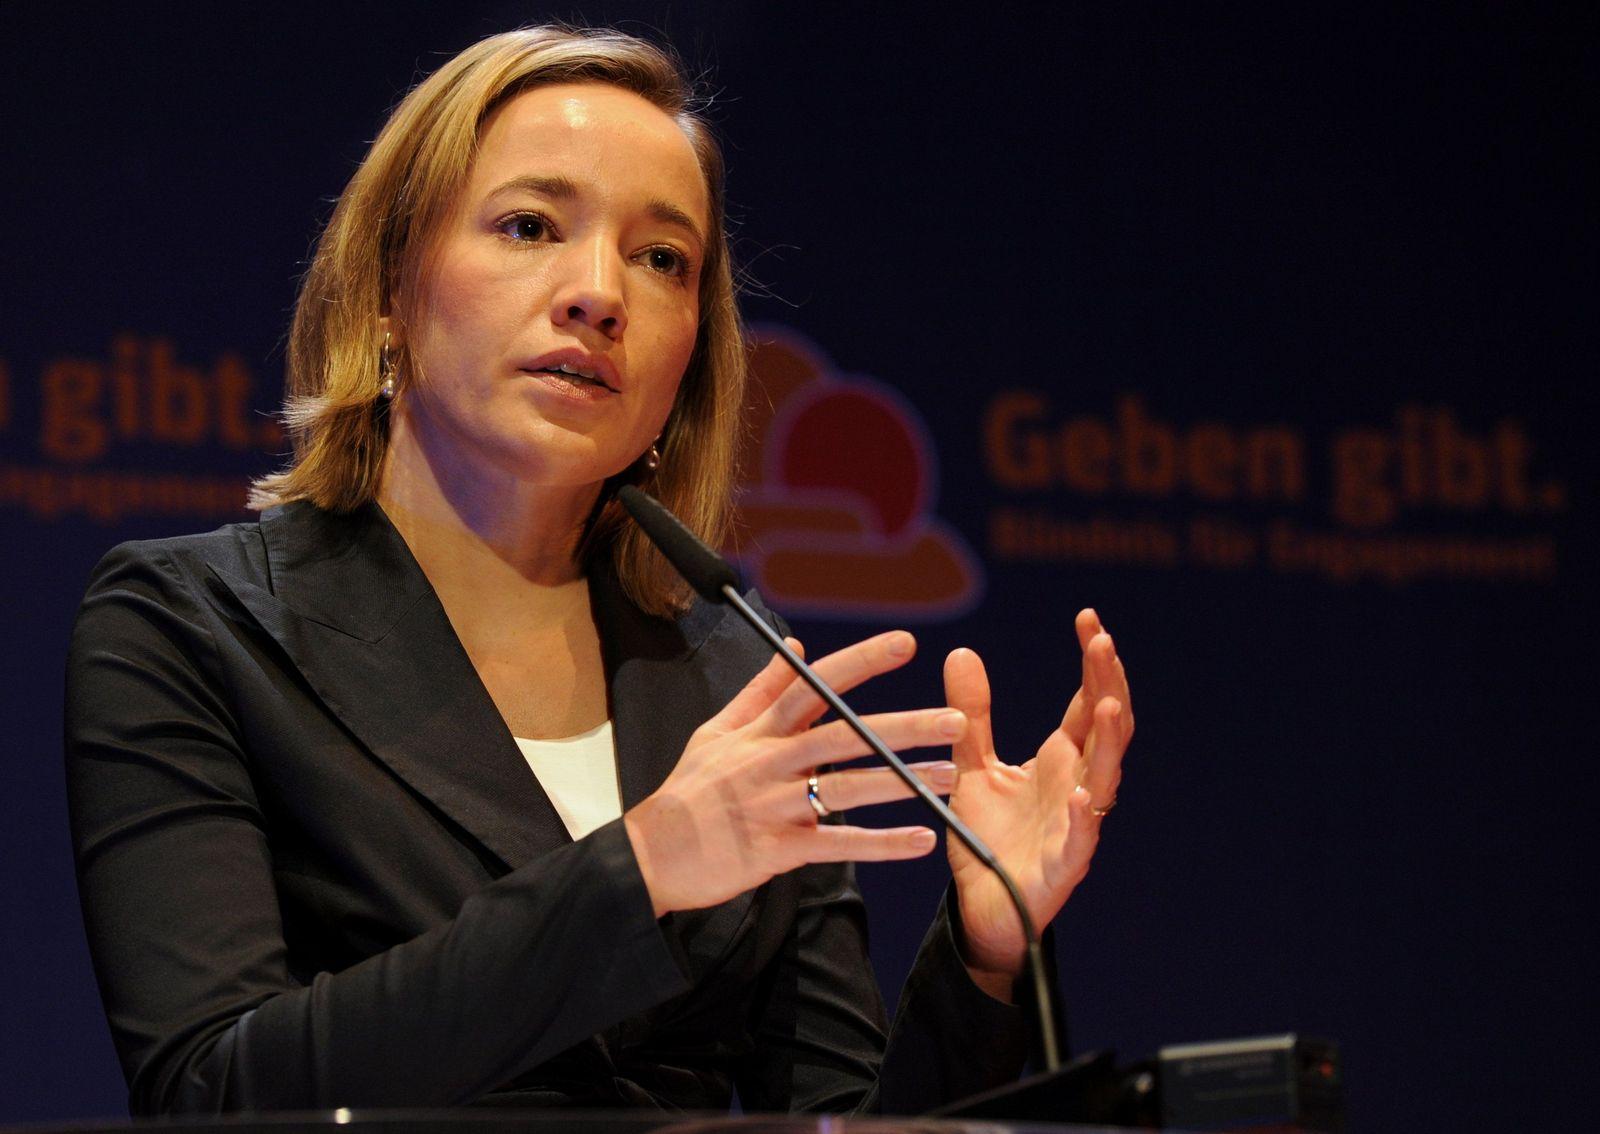 Verleihung Deutscher Engagementpreis in Berlin